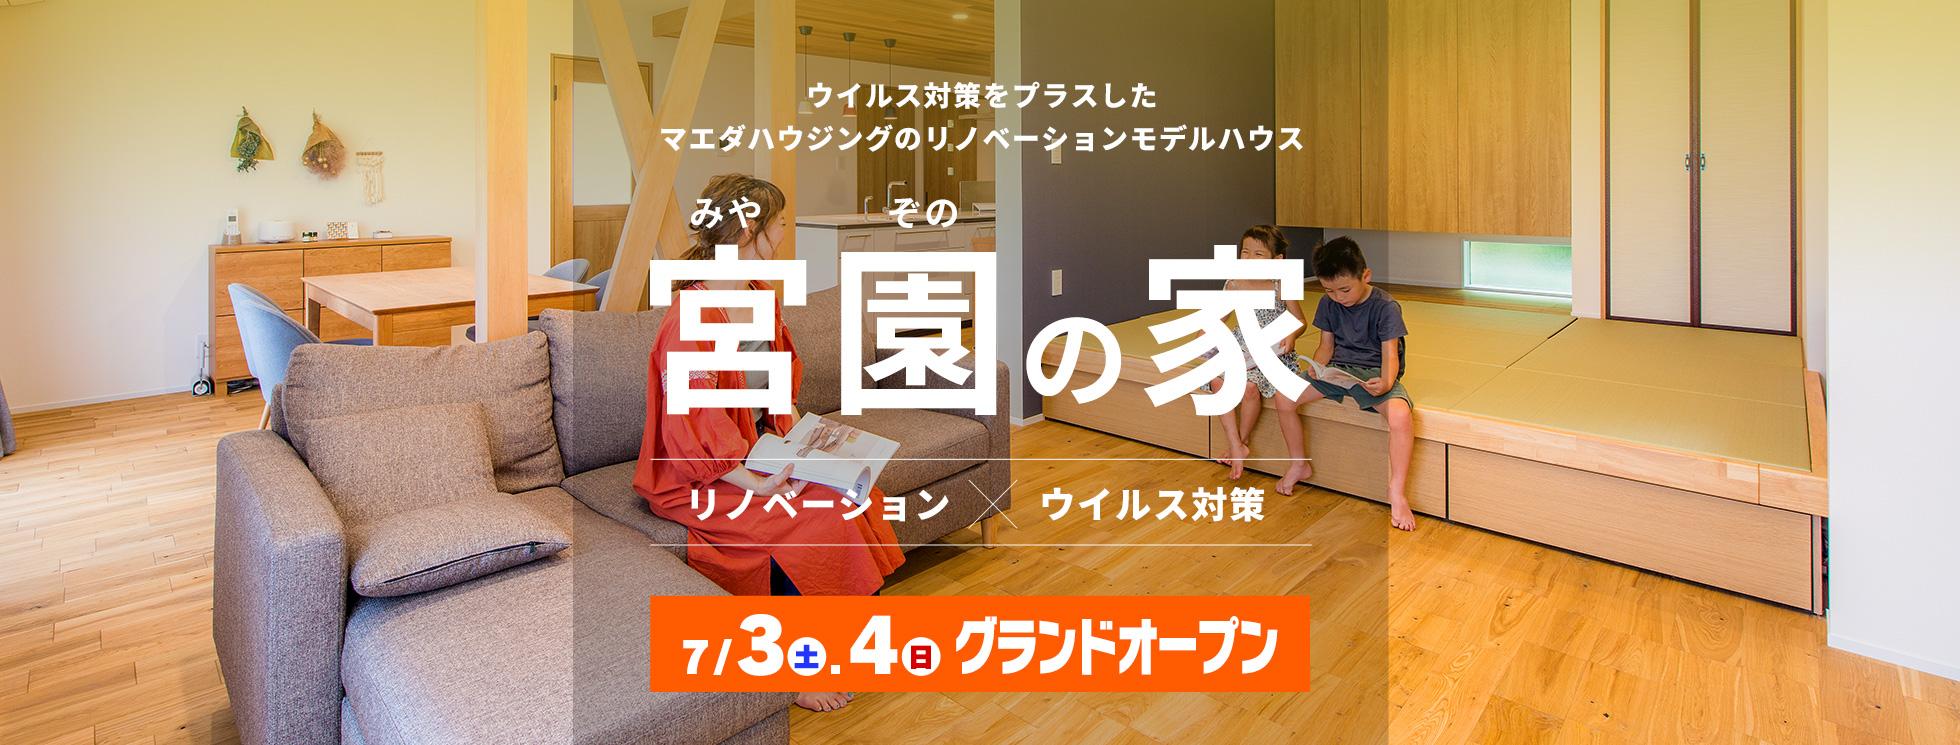 リノベーションモデルハウス三入の家